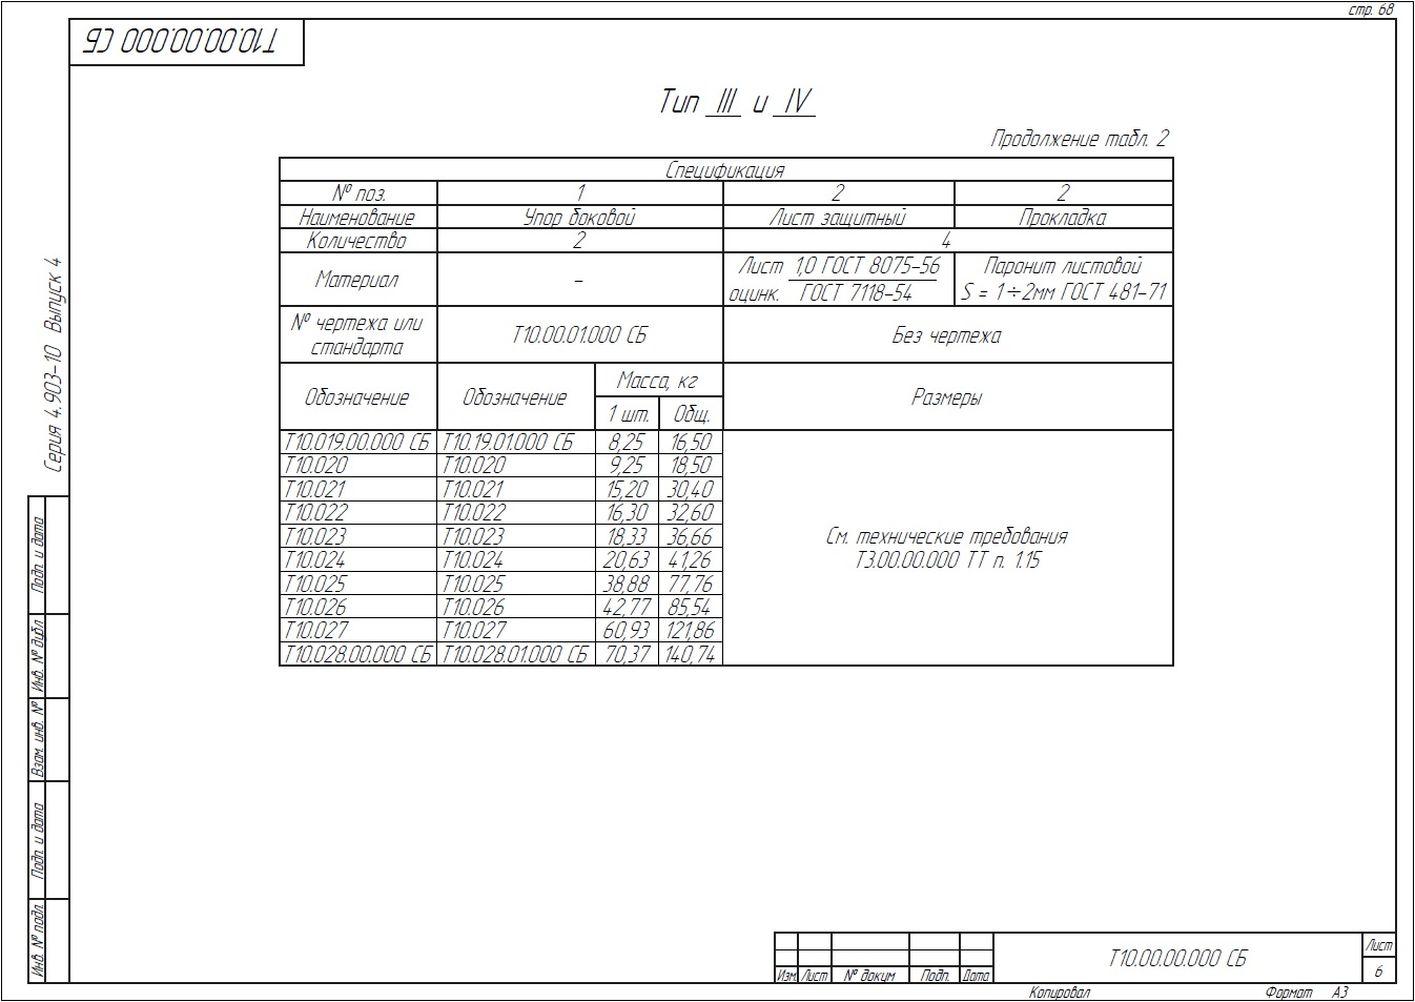 Опора неподвижная боковая Т10 серия 4.903-10 вып.4 стр.6